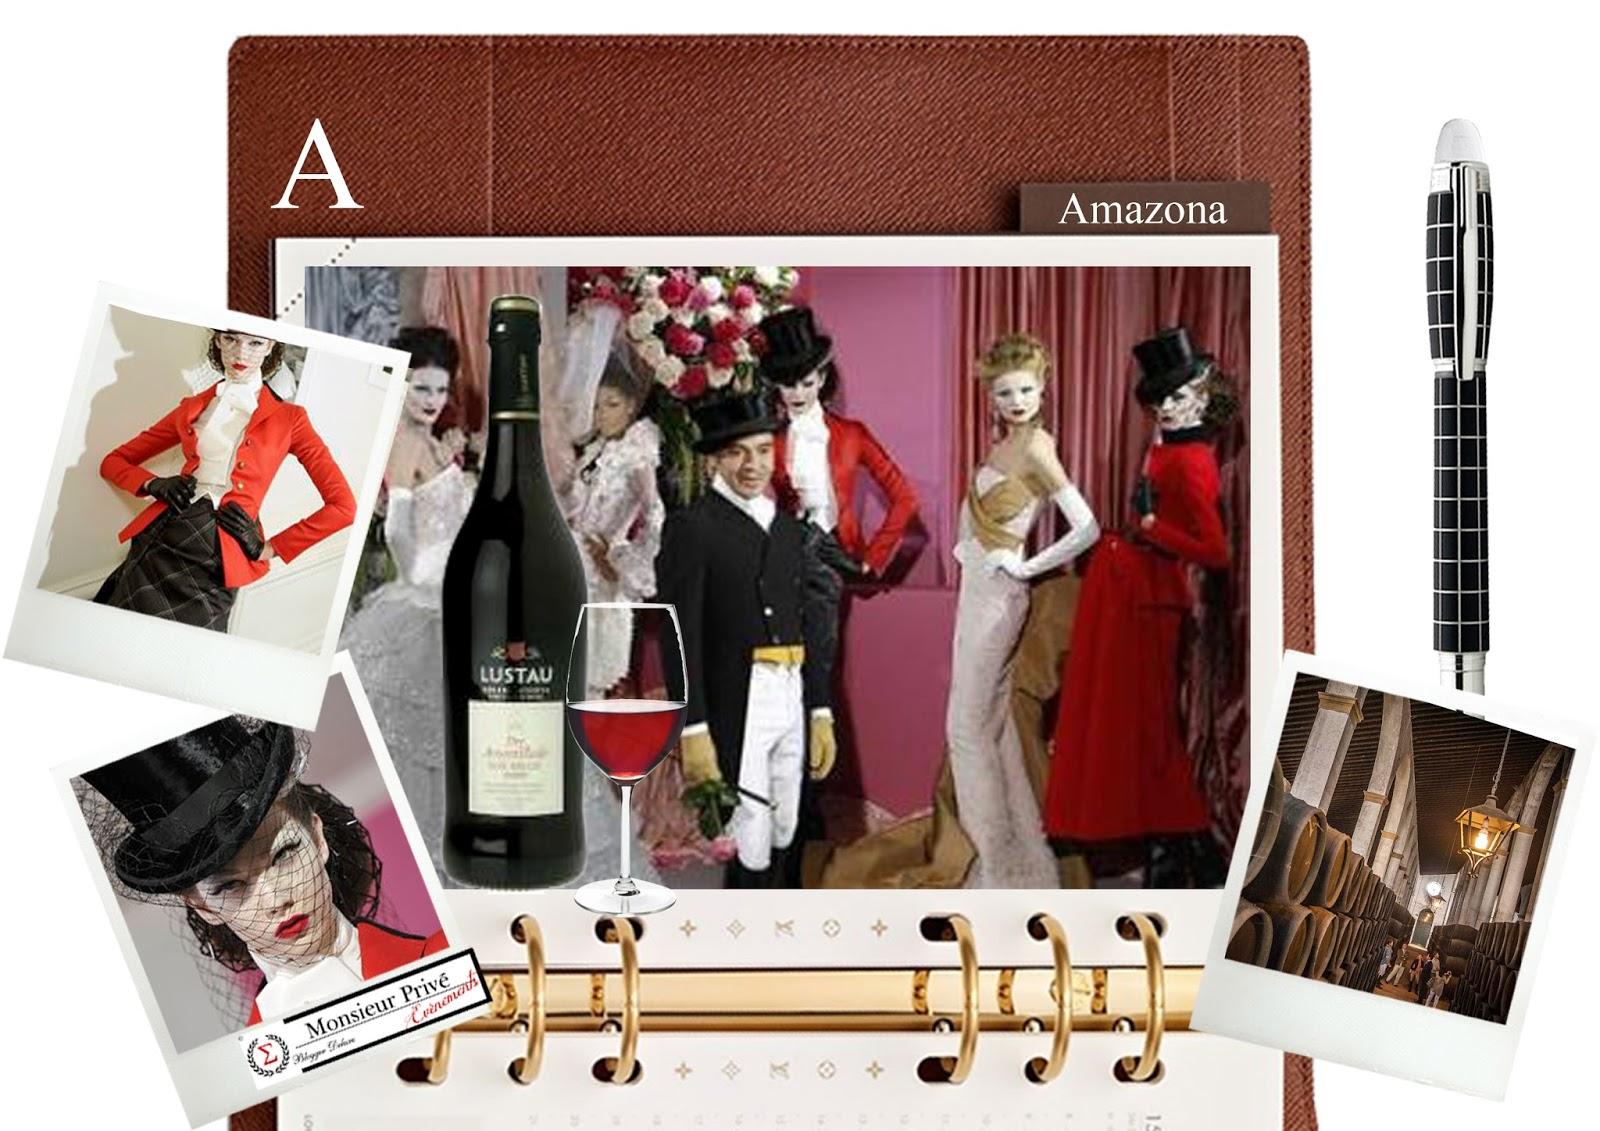 Ejemplos de looks estilo amazona en la actualidad presentados en la alta costura de París